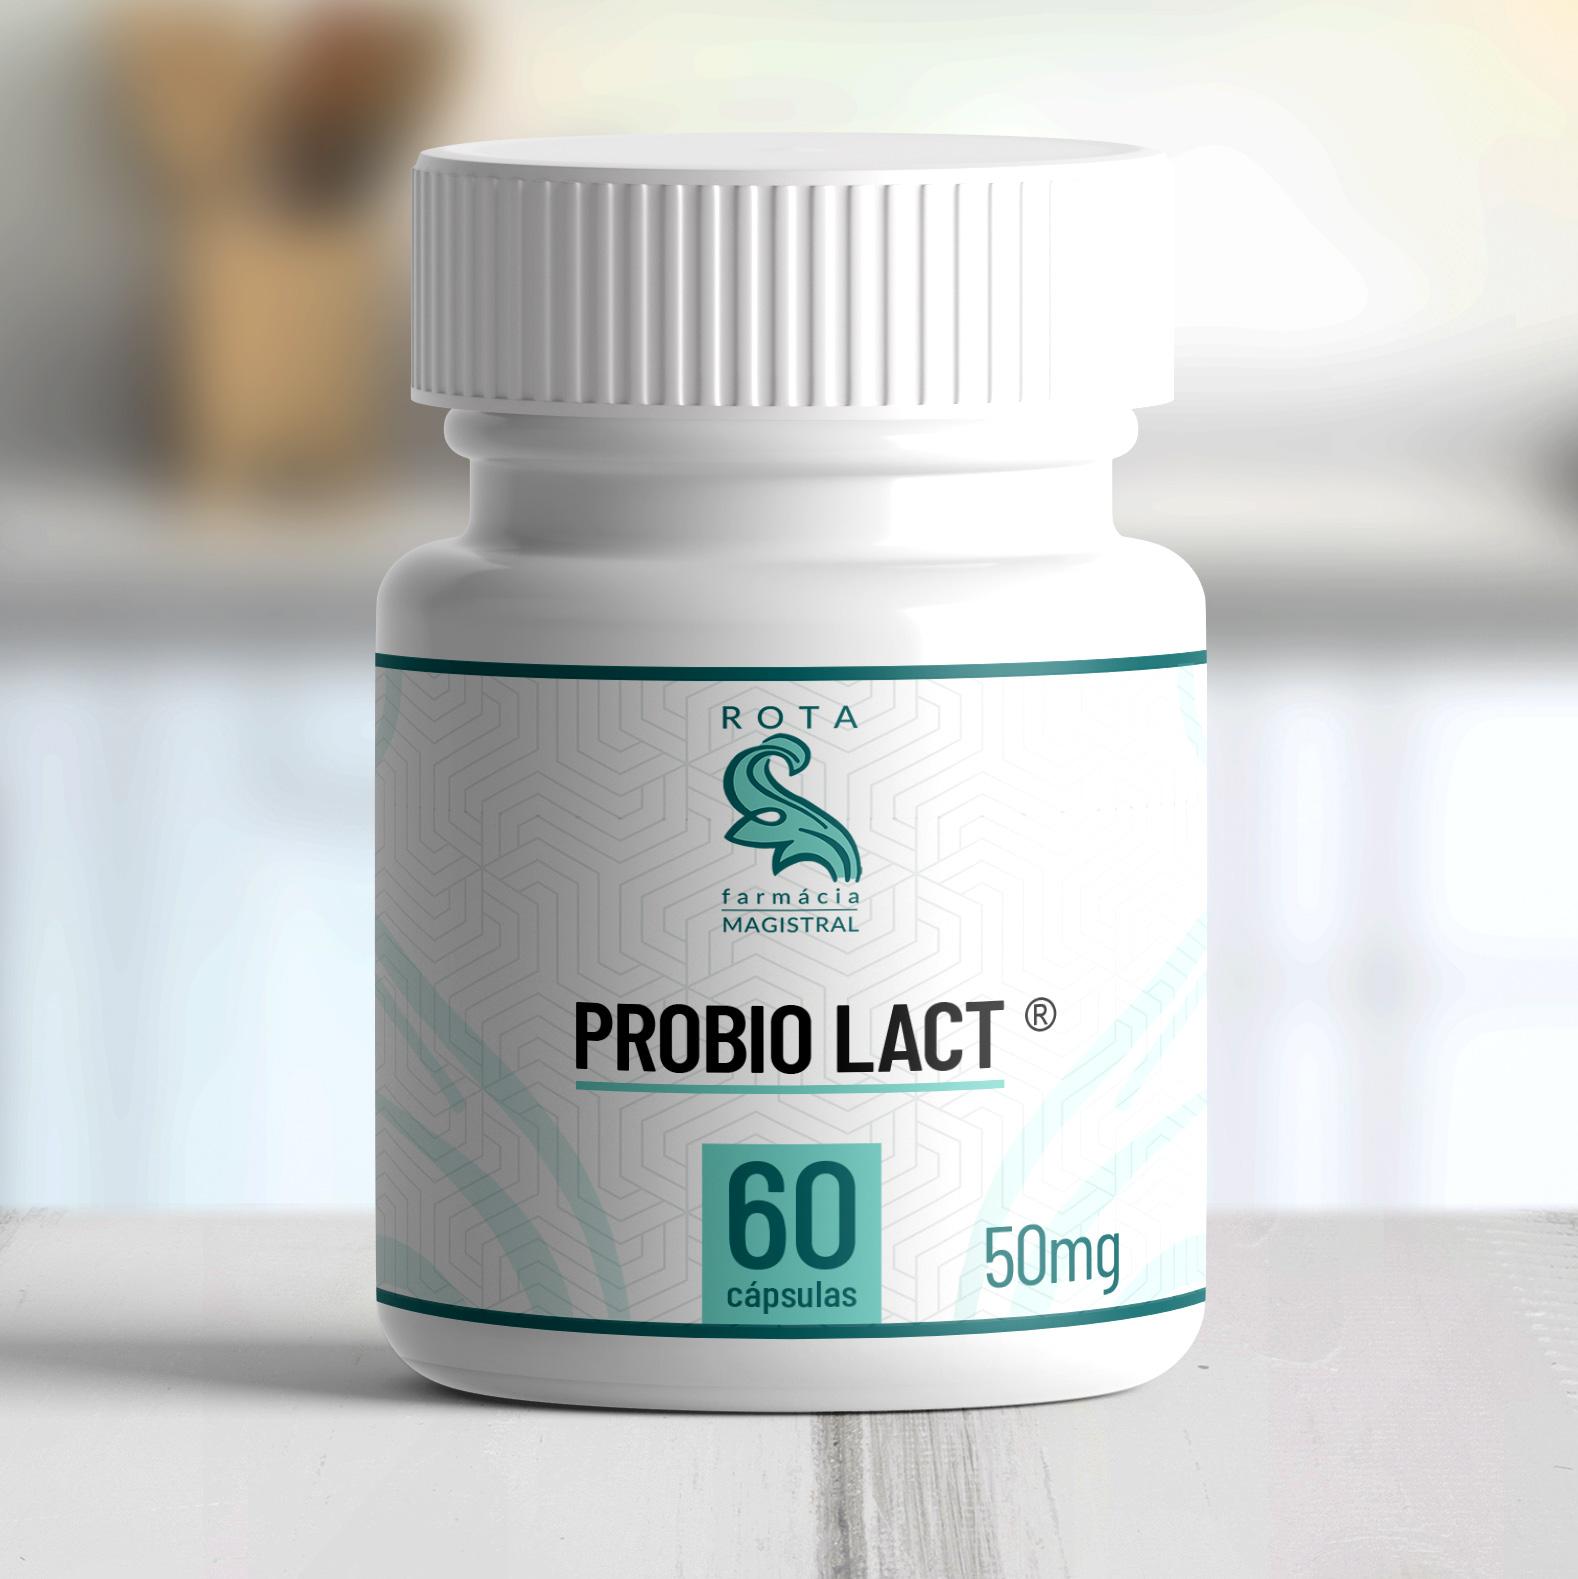 Probio LACT ® 50mg 60 cápsulas